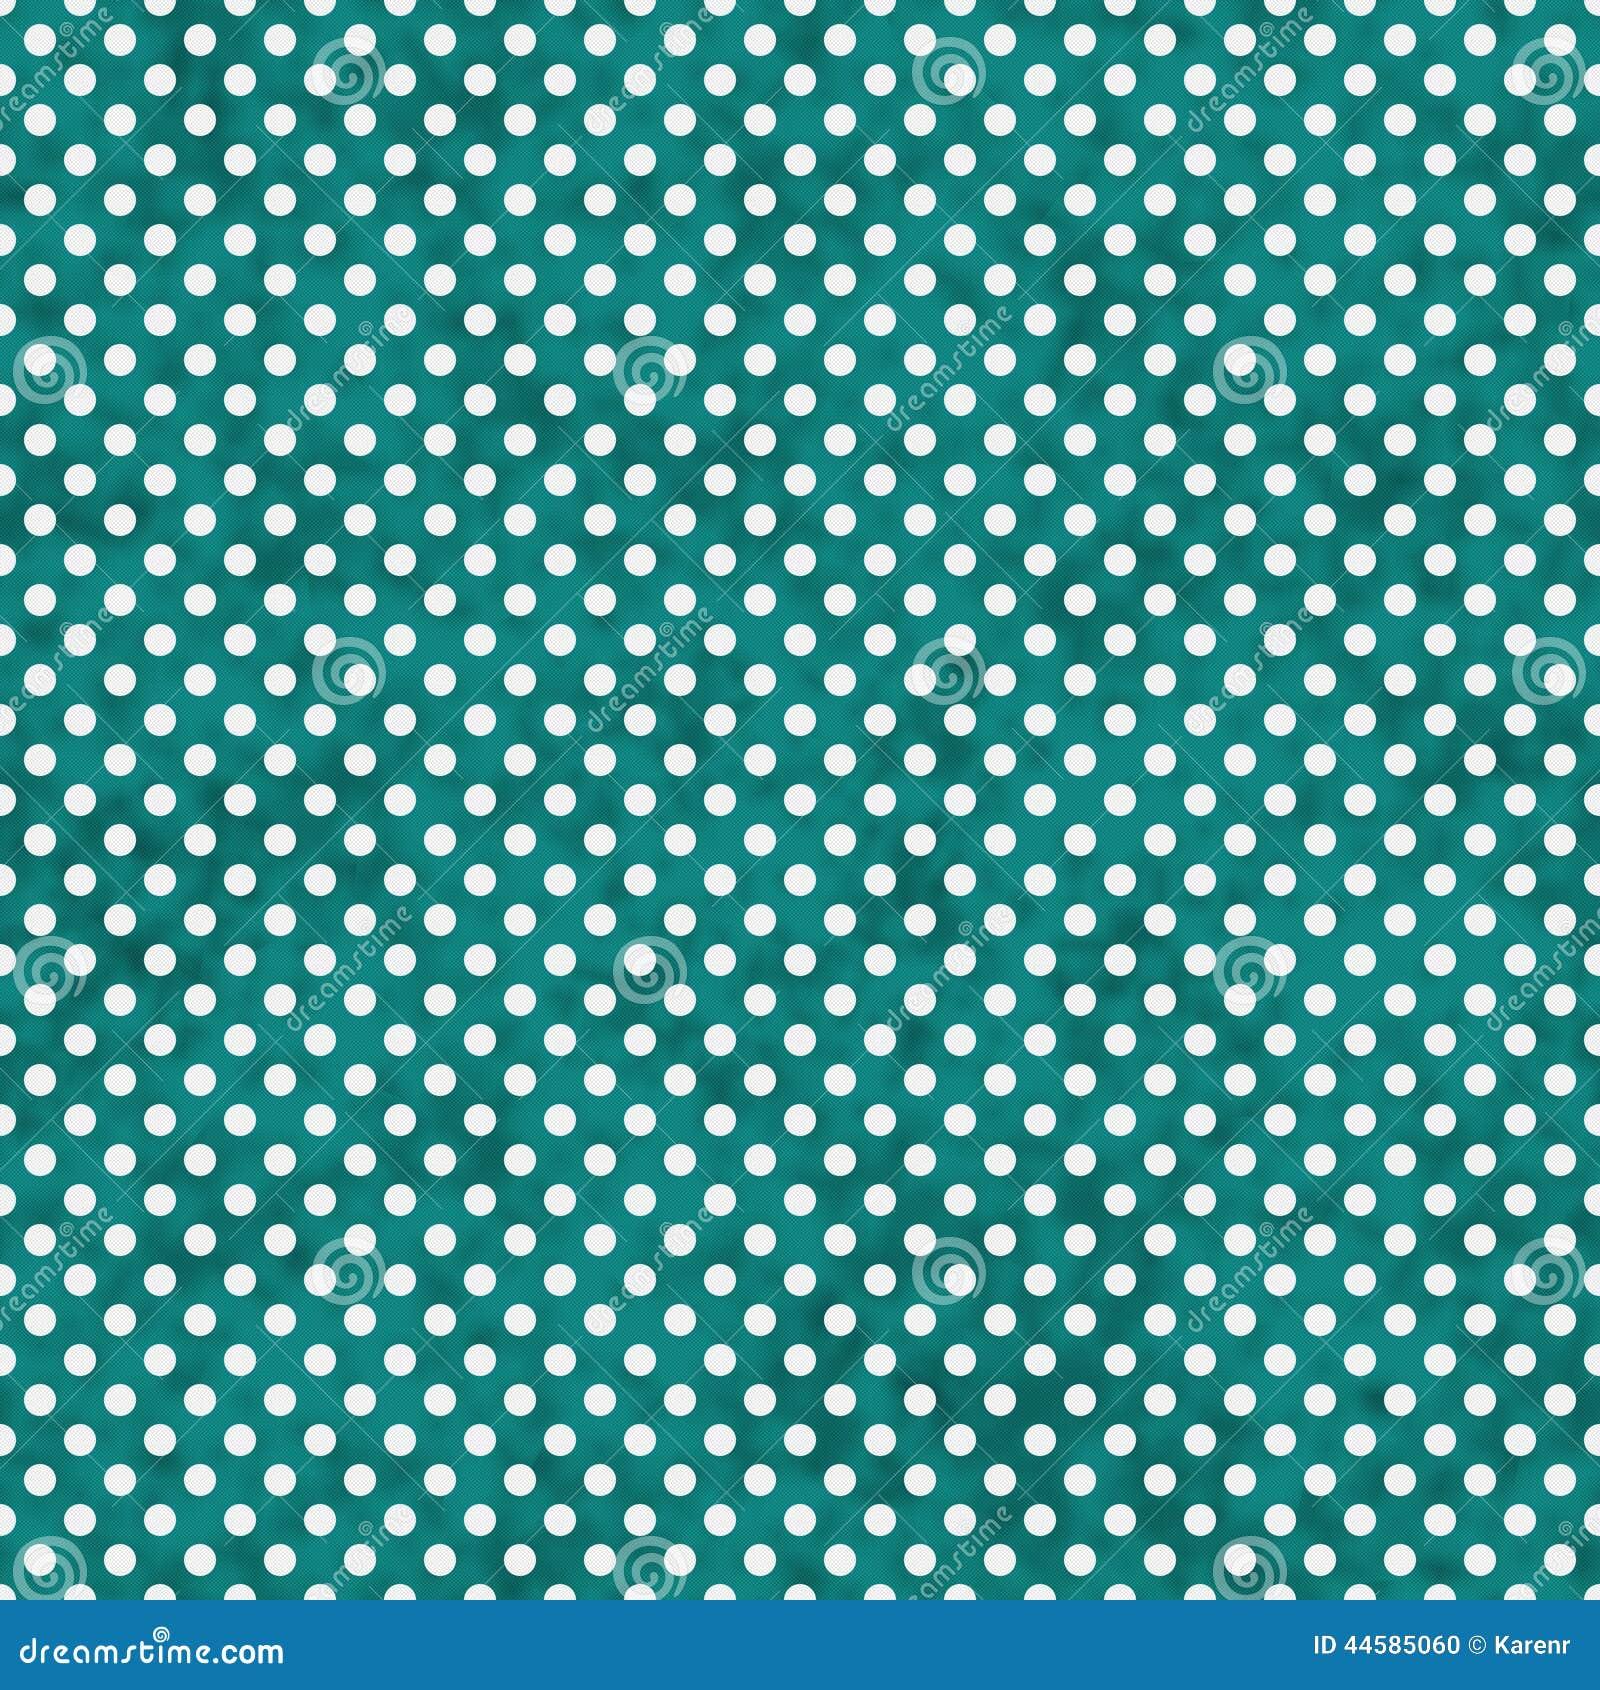 Cerceta brilhante e polca pequena branca Dots Pattern Repeat Background